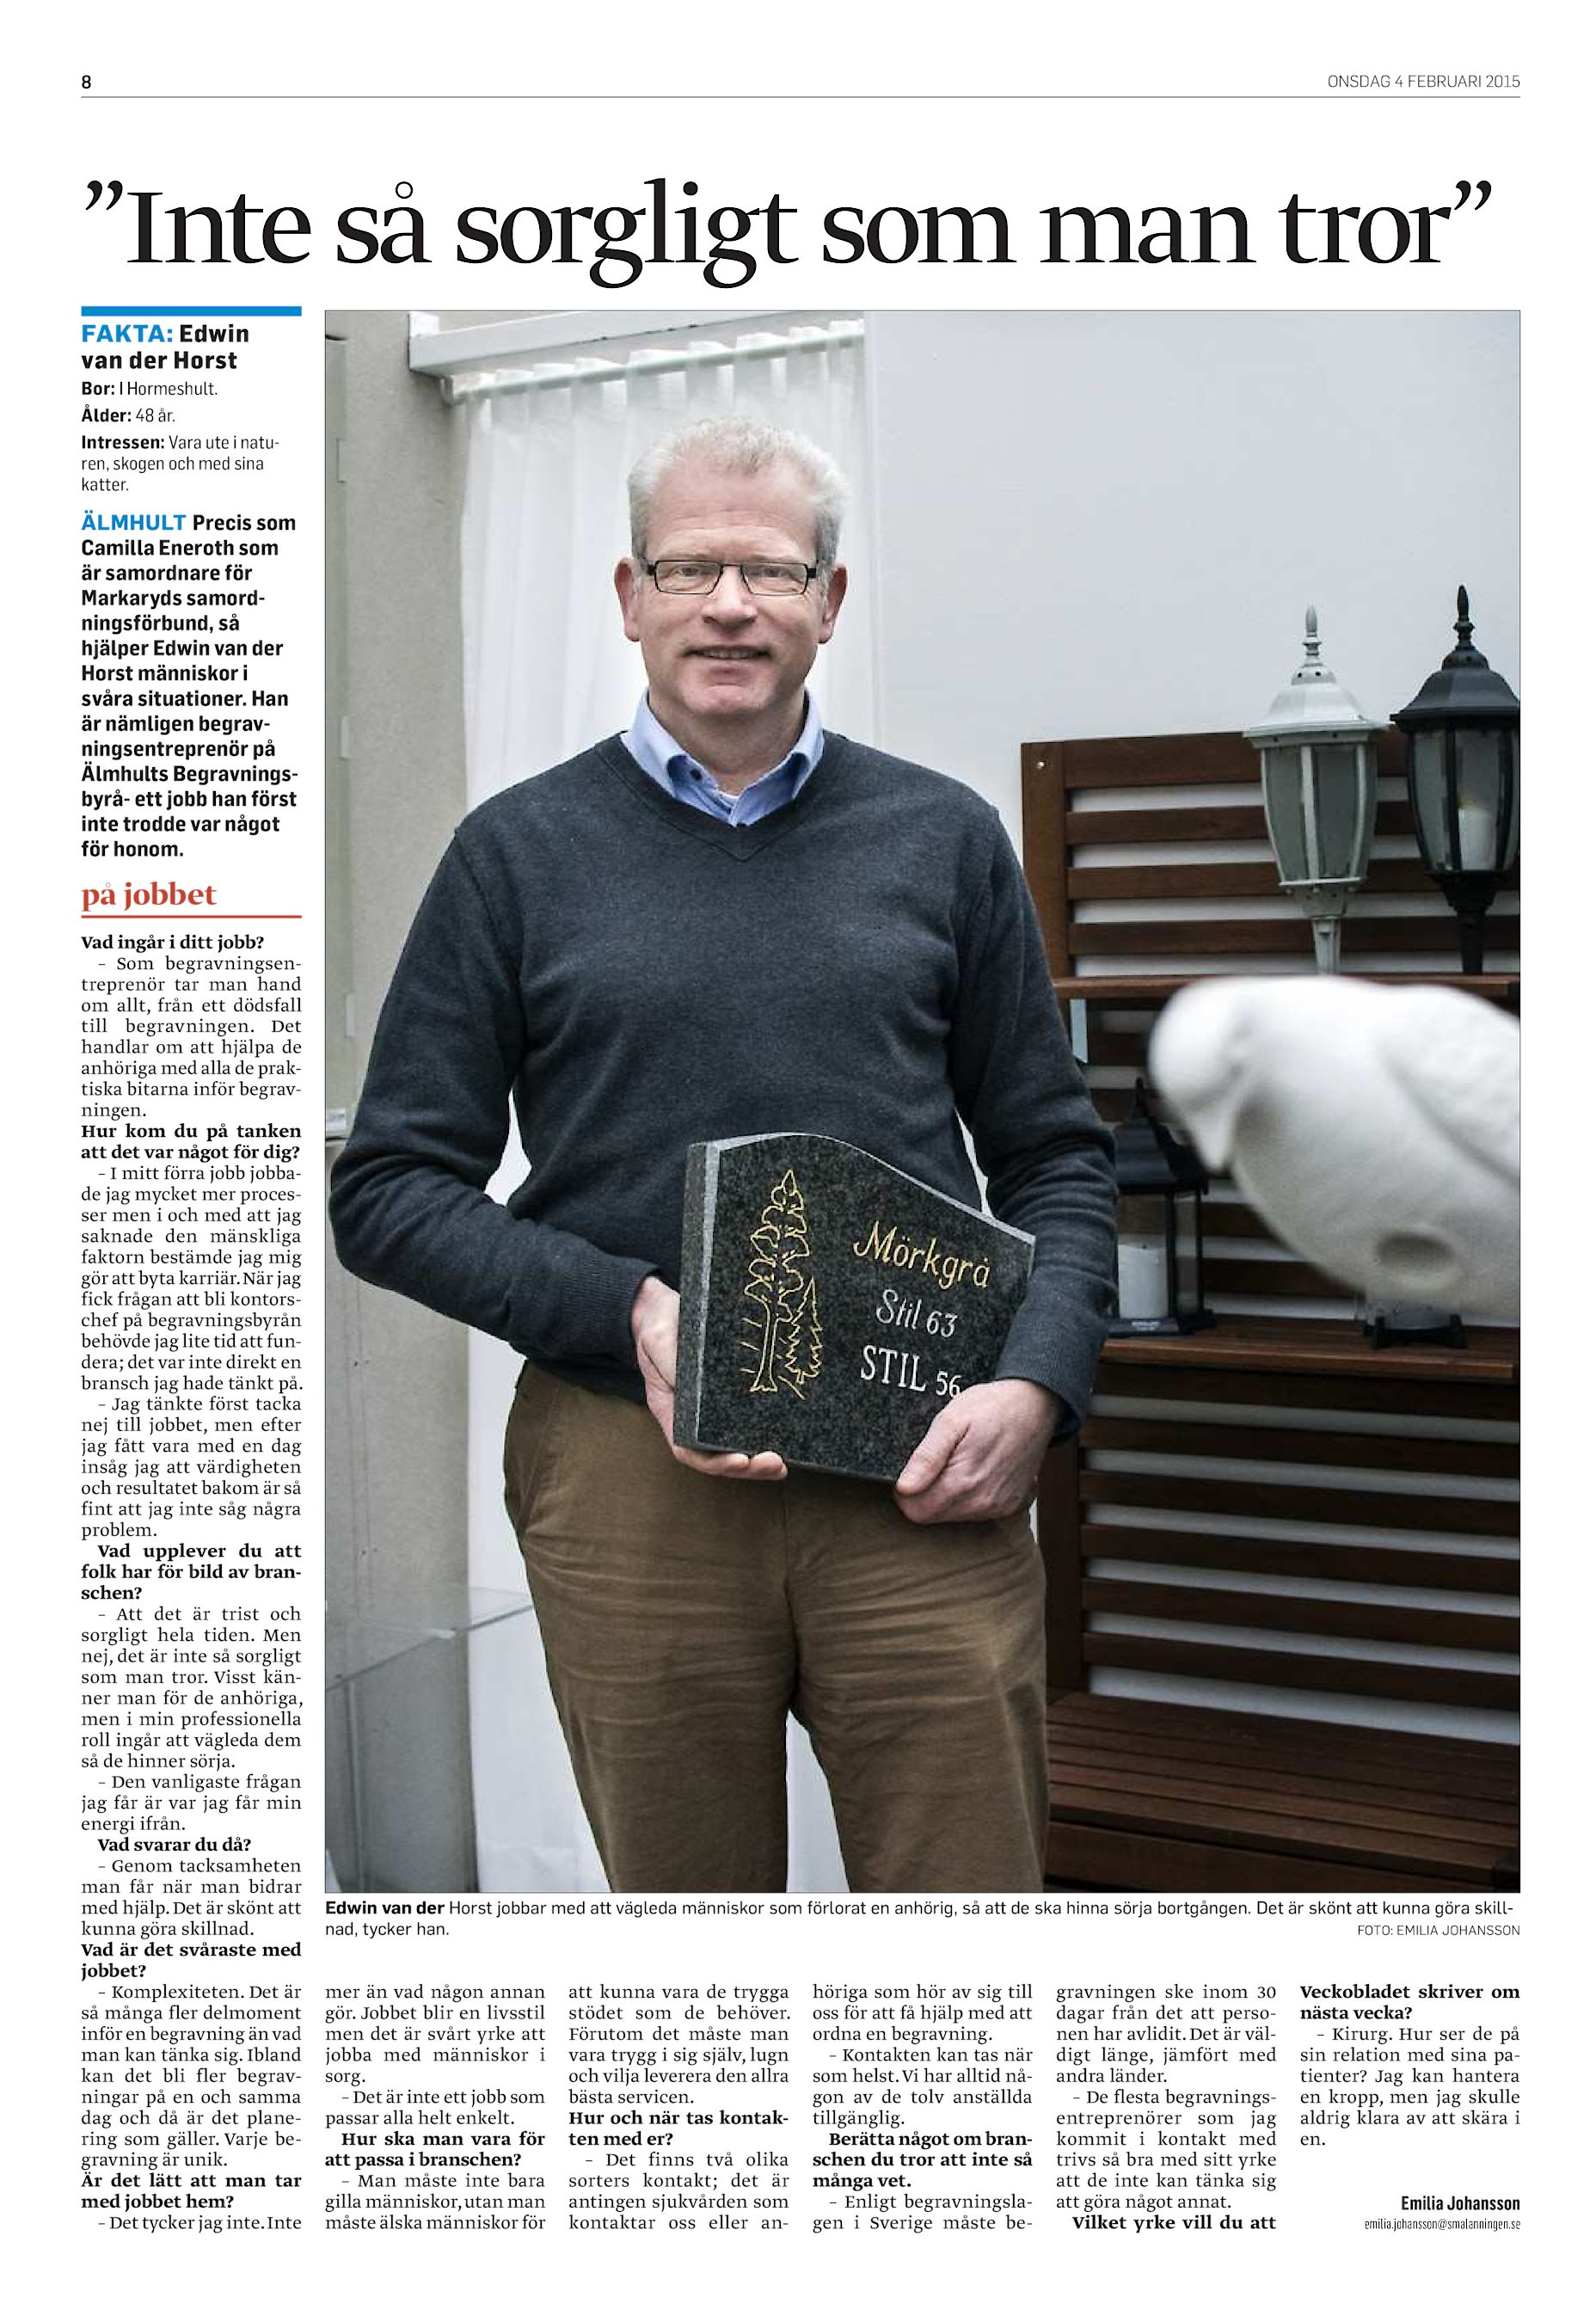 Veckobladet sv 20150204 (endast text)